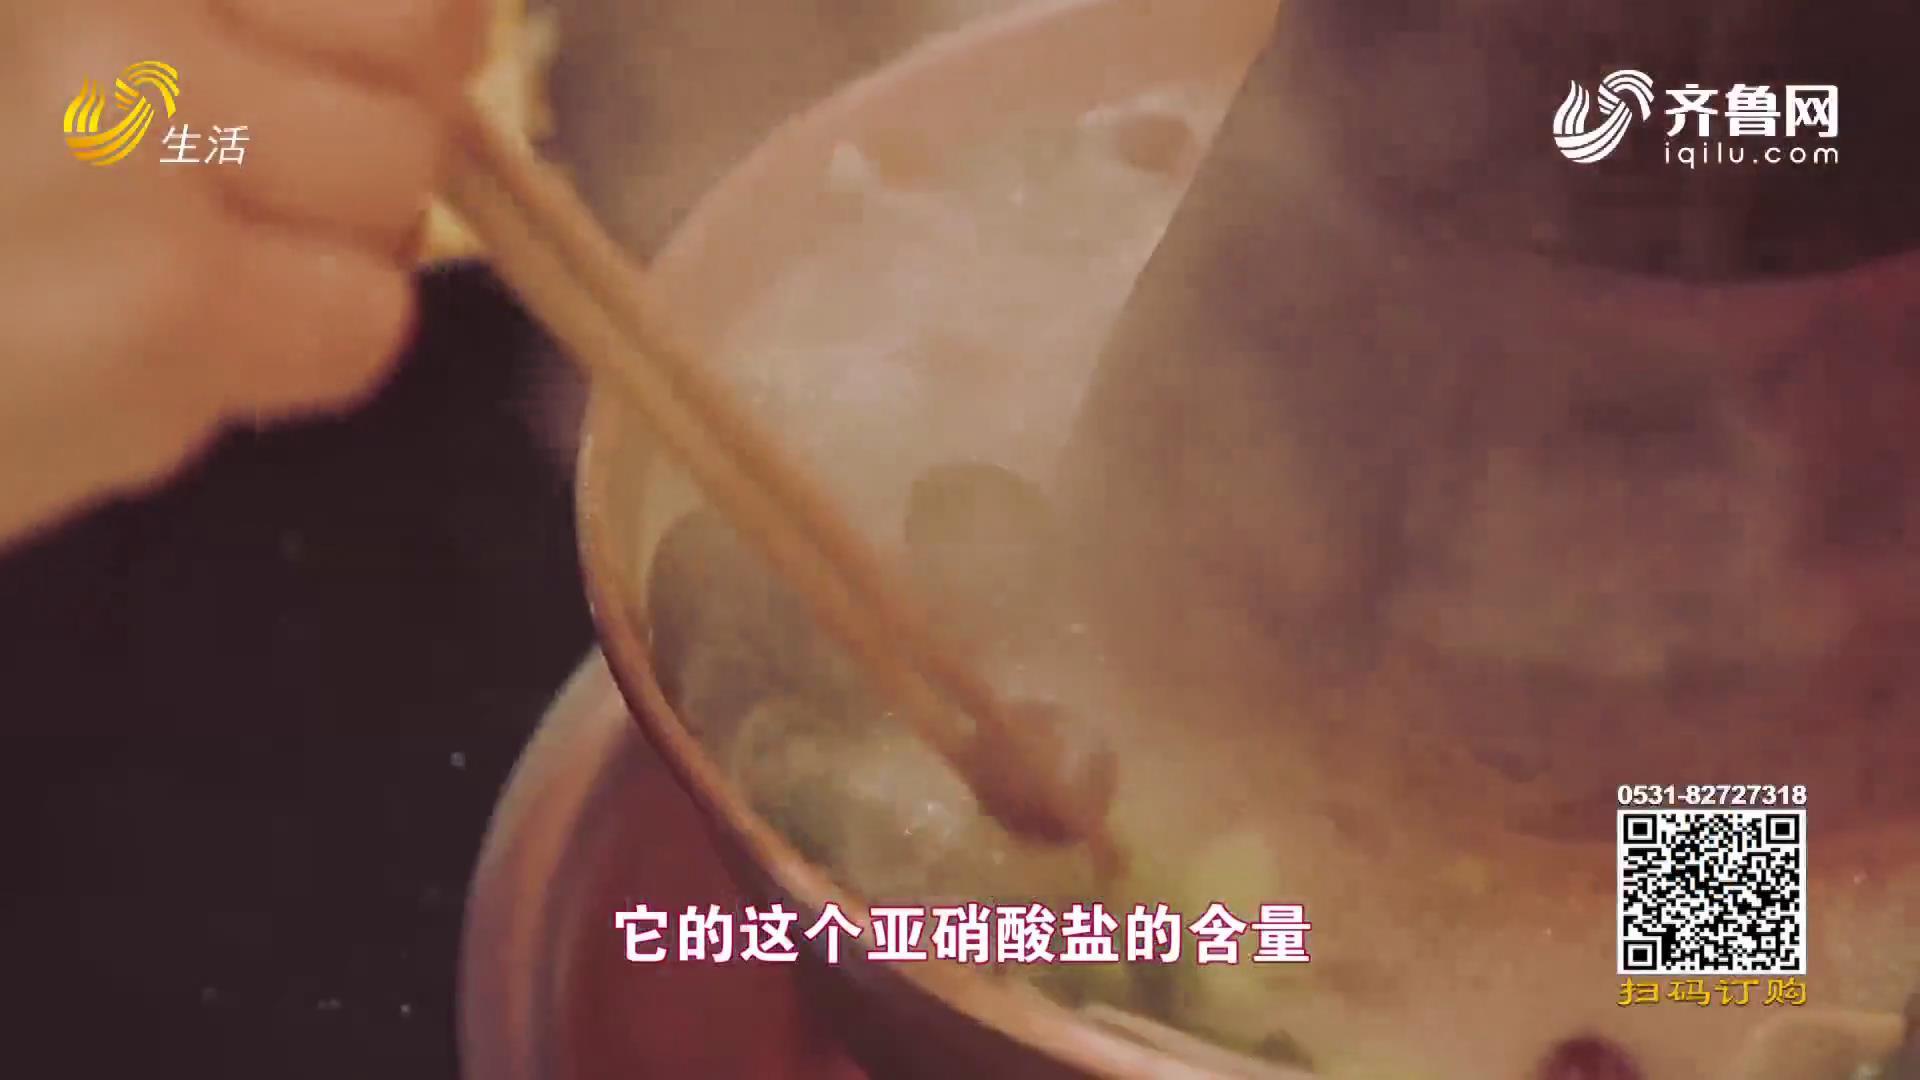 非说不可:吃火锅的禁忌